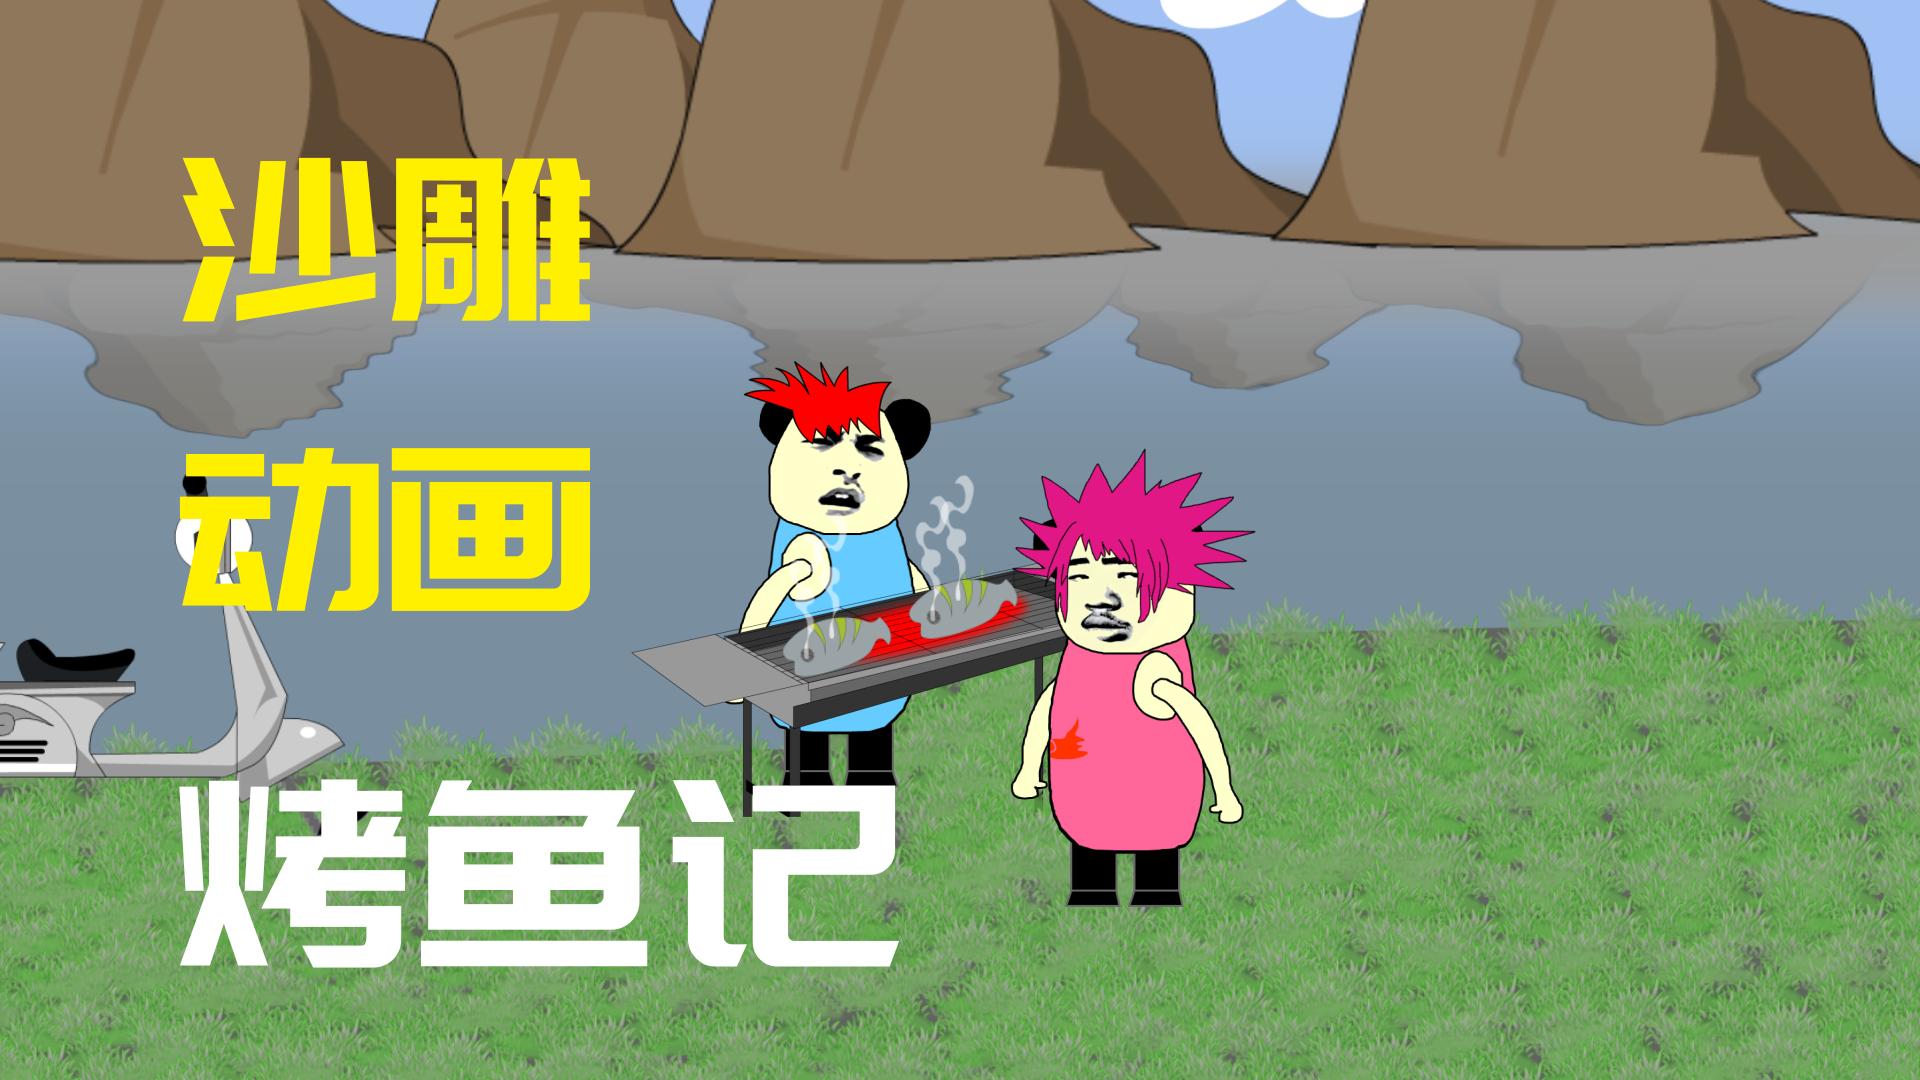 【沙雕动画】烤鱼记